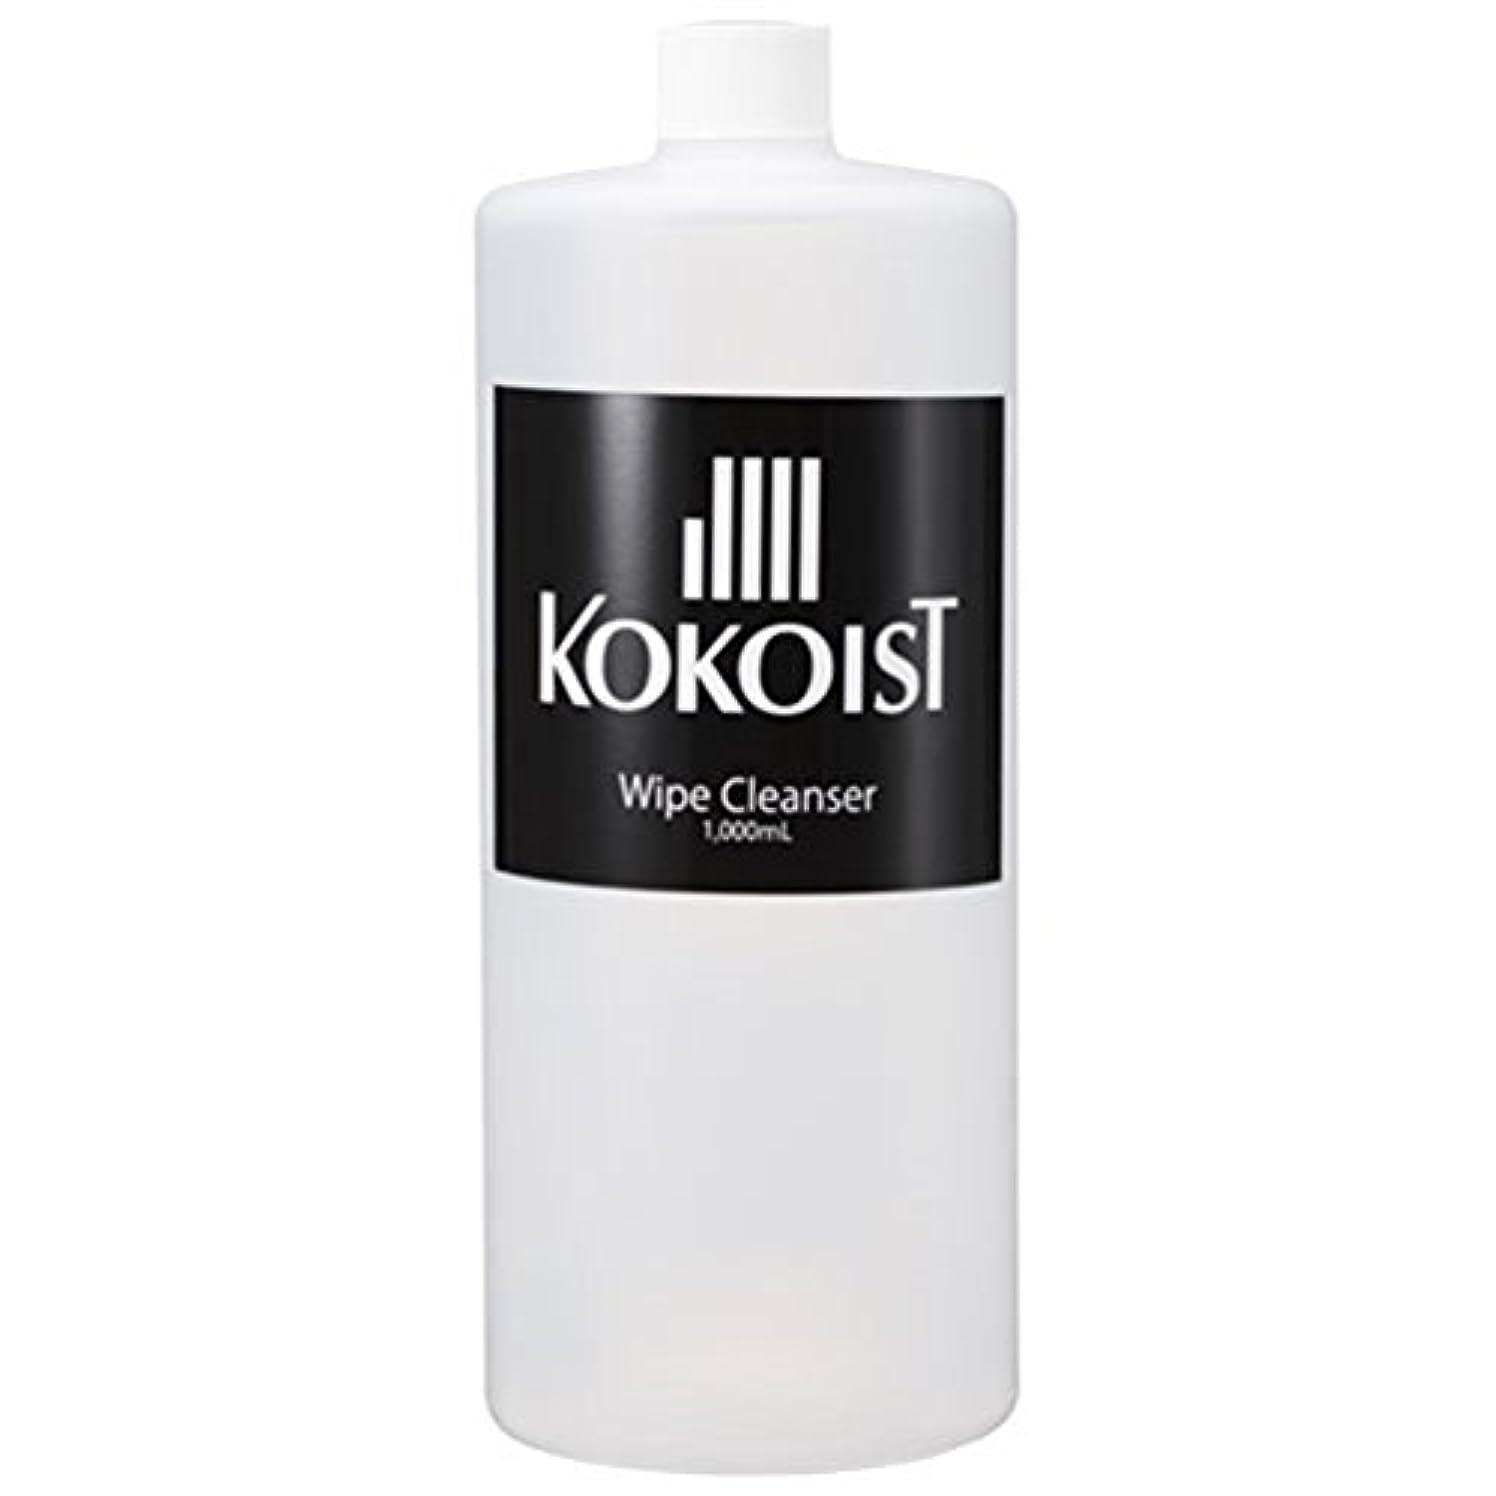 チーズ魔女添加剤KOKOIST クレンザー1000ml